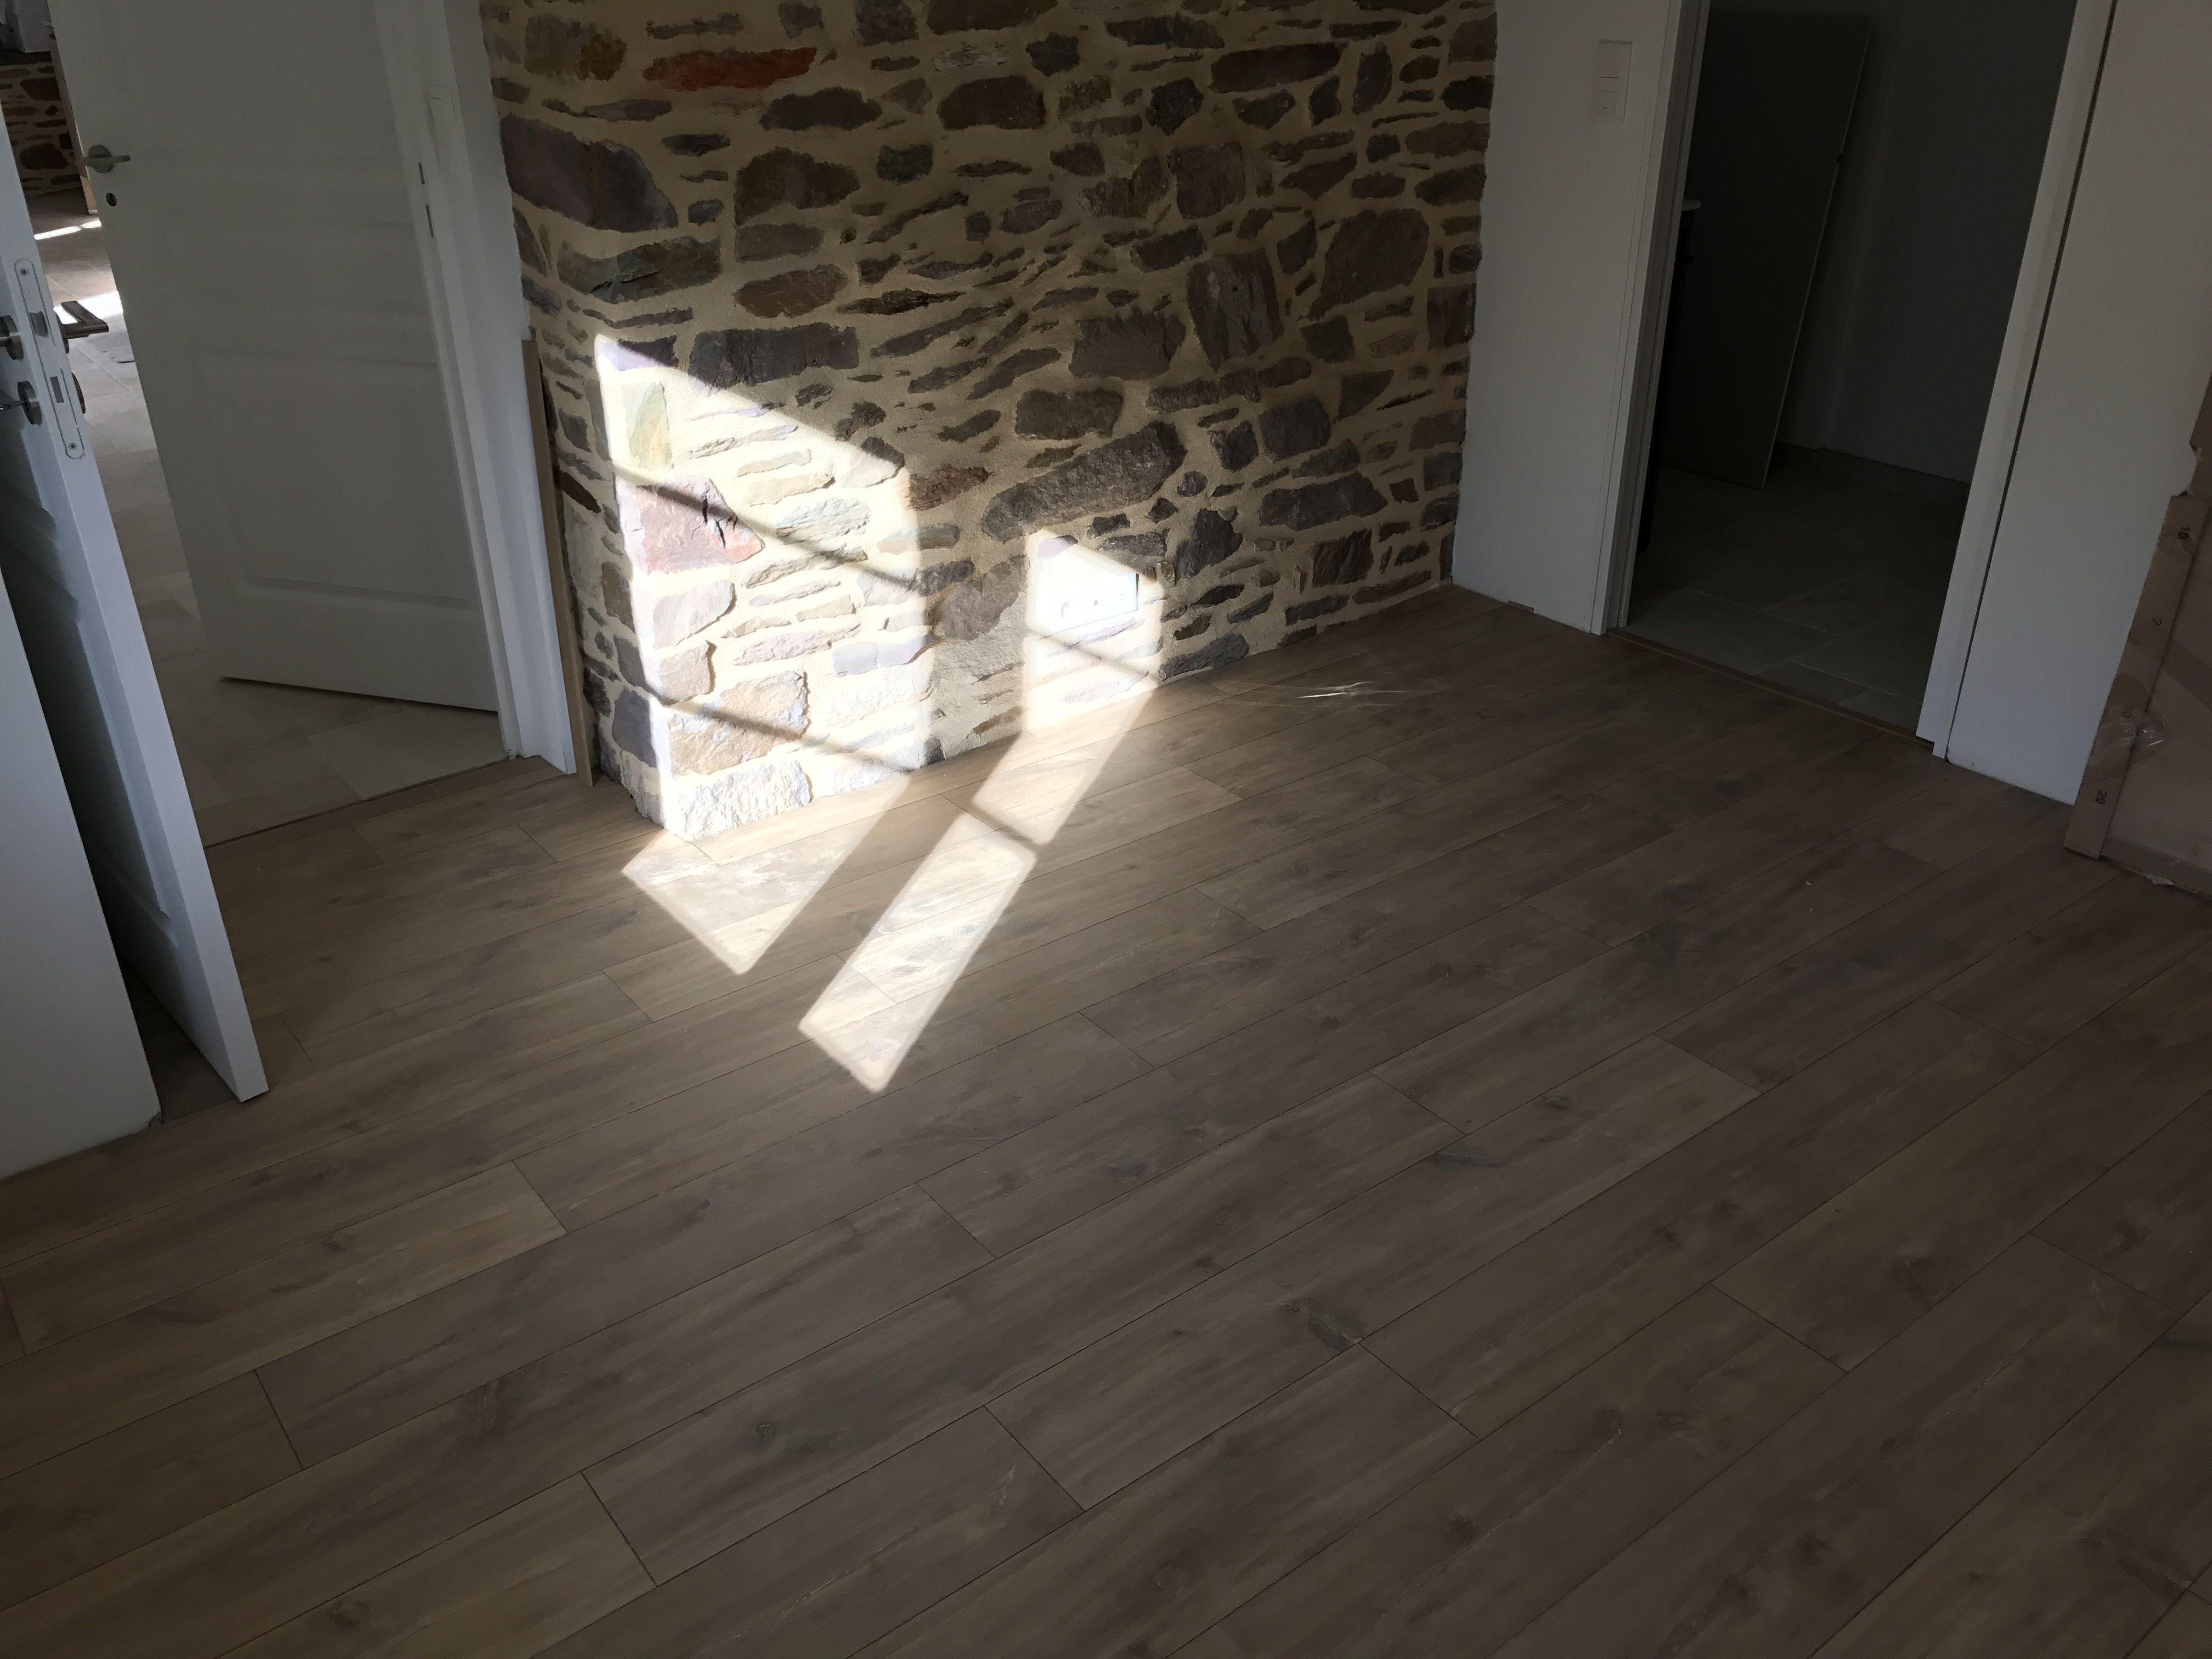 Vente de revêtement de sol stratifié QUICK STEP Classic CLM35 ... - Revetement Sol Chambre